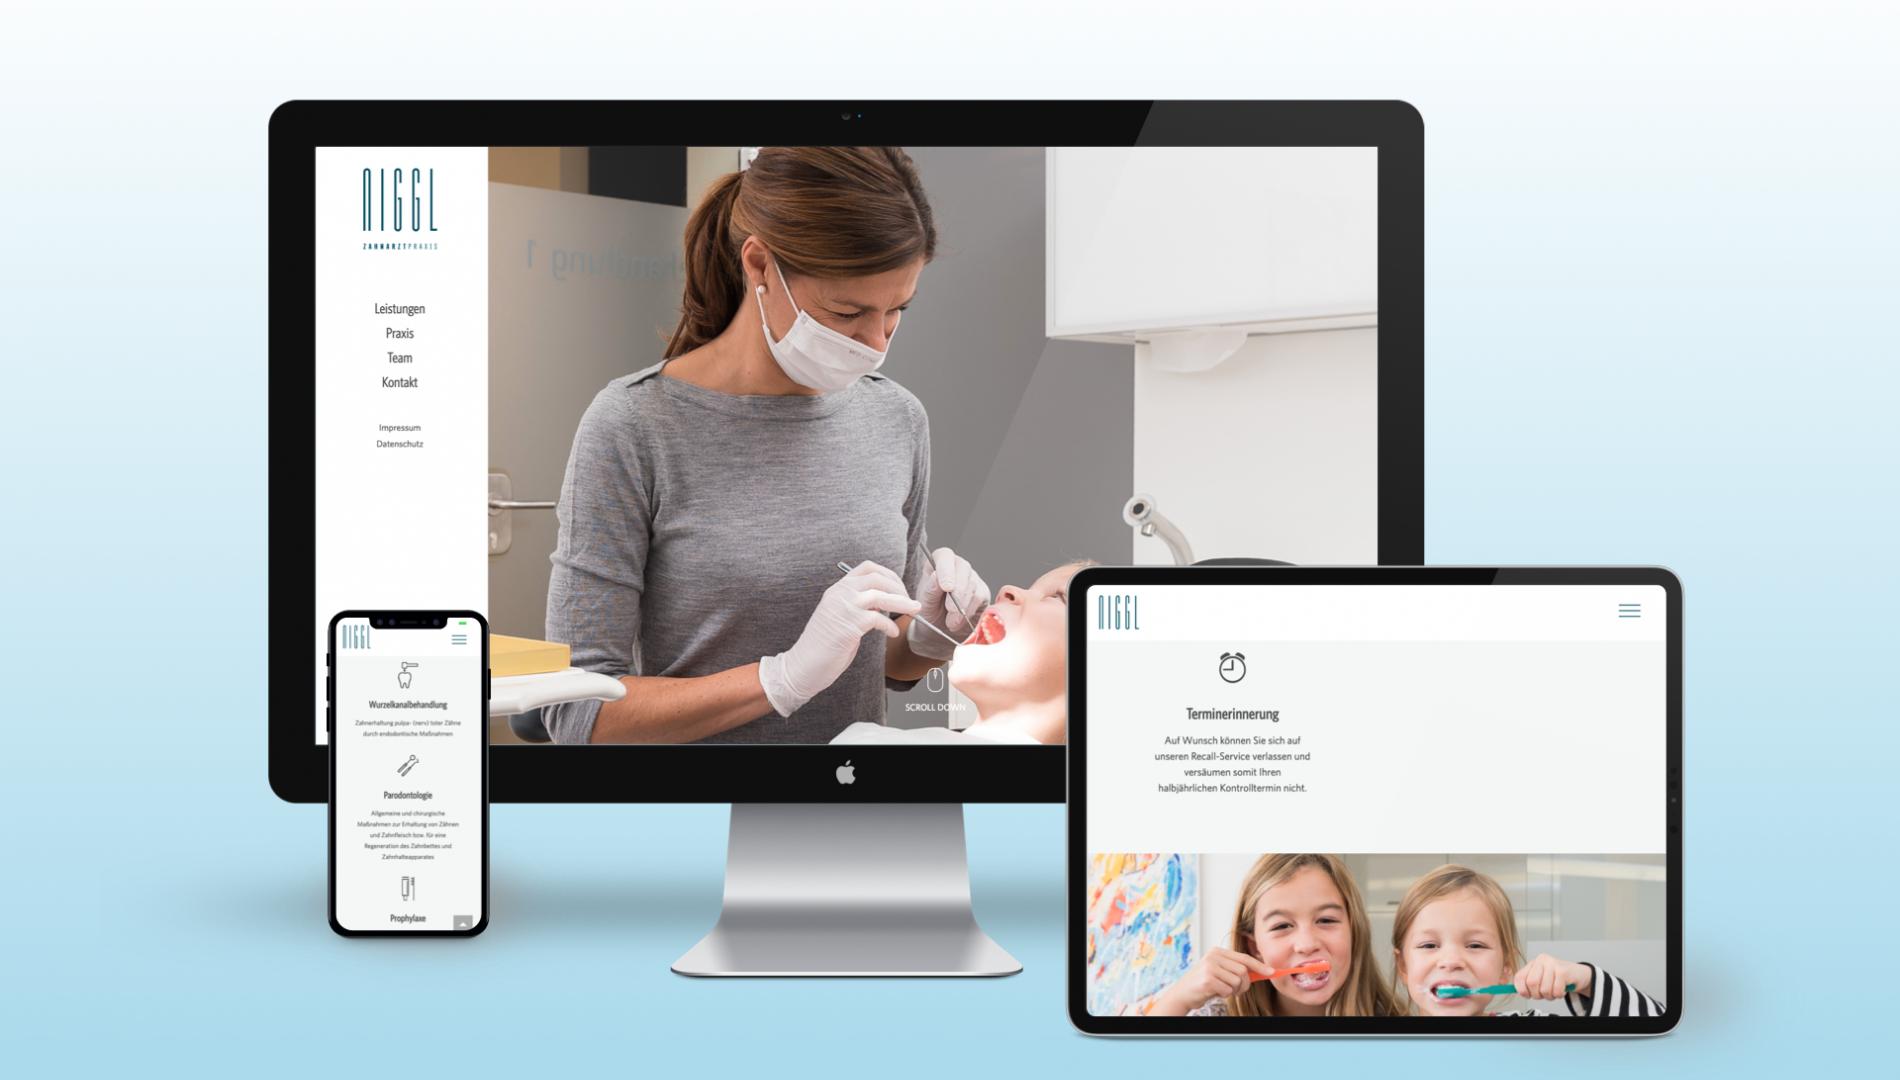 Moderner Interntauftritt mit neuem Corporate Design für Zahnarztpraxis aus Memmingen von der Designagentur das formt aus München